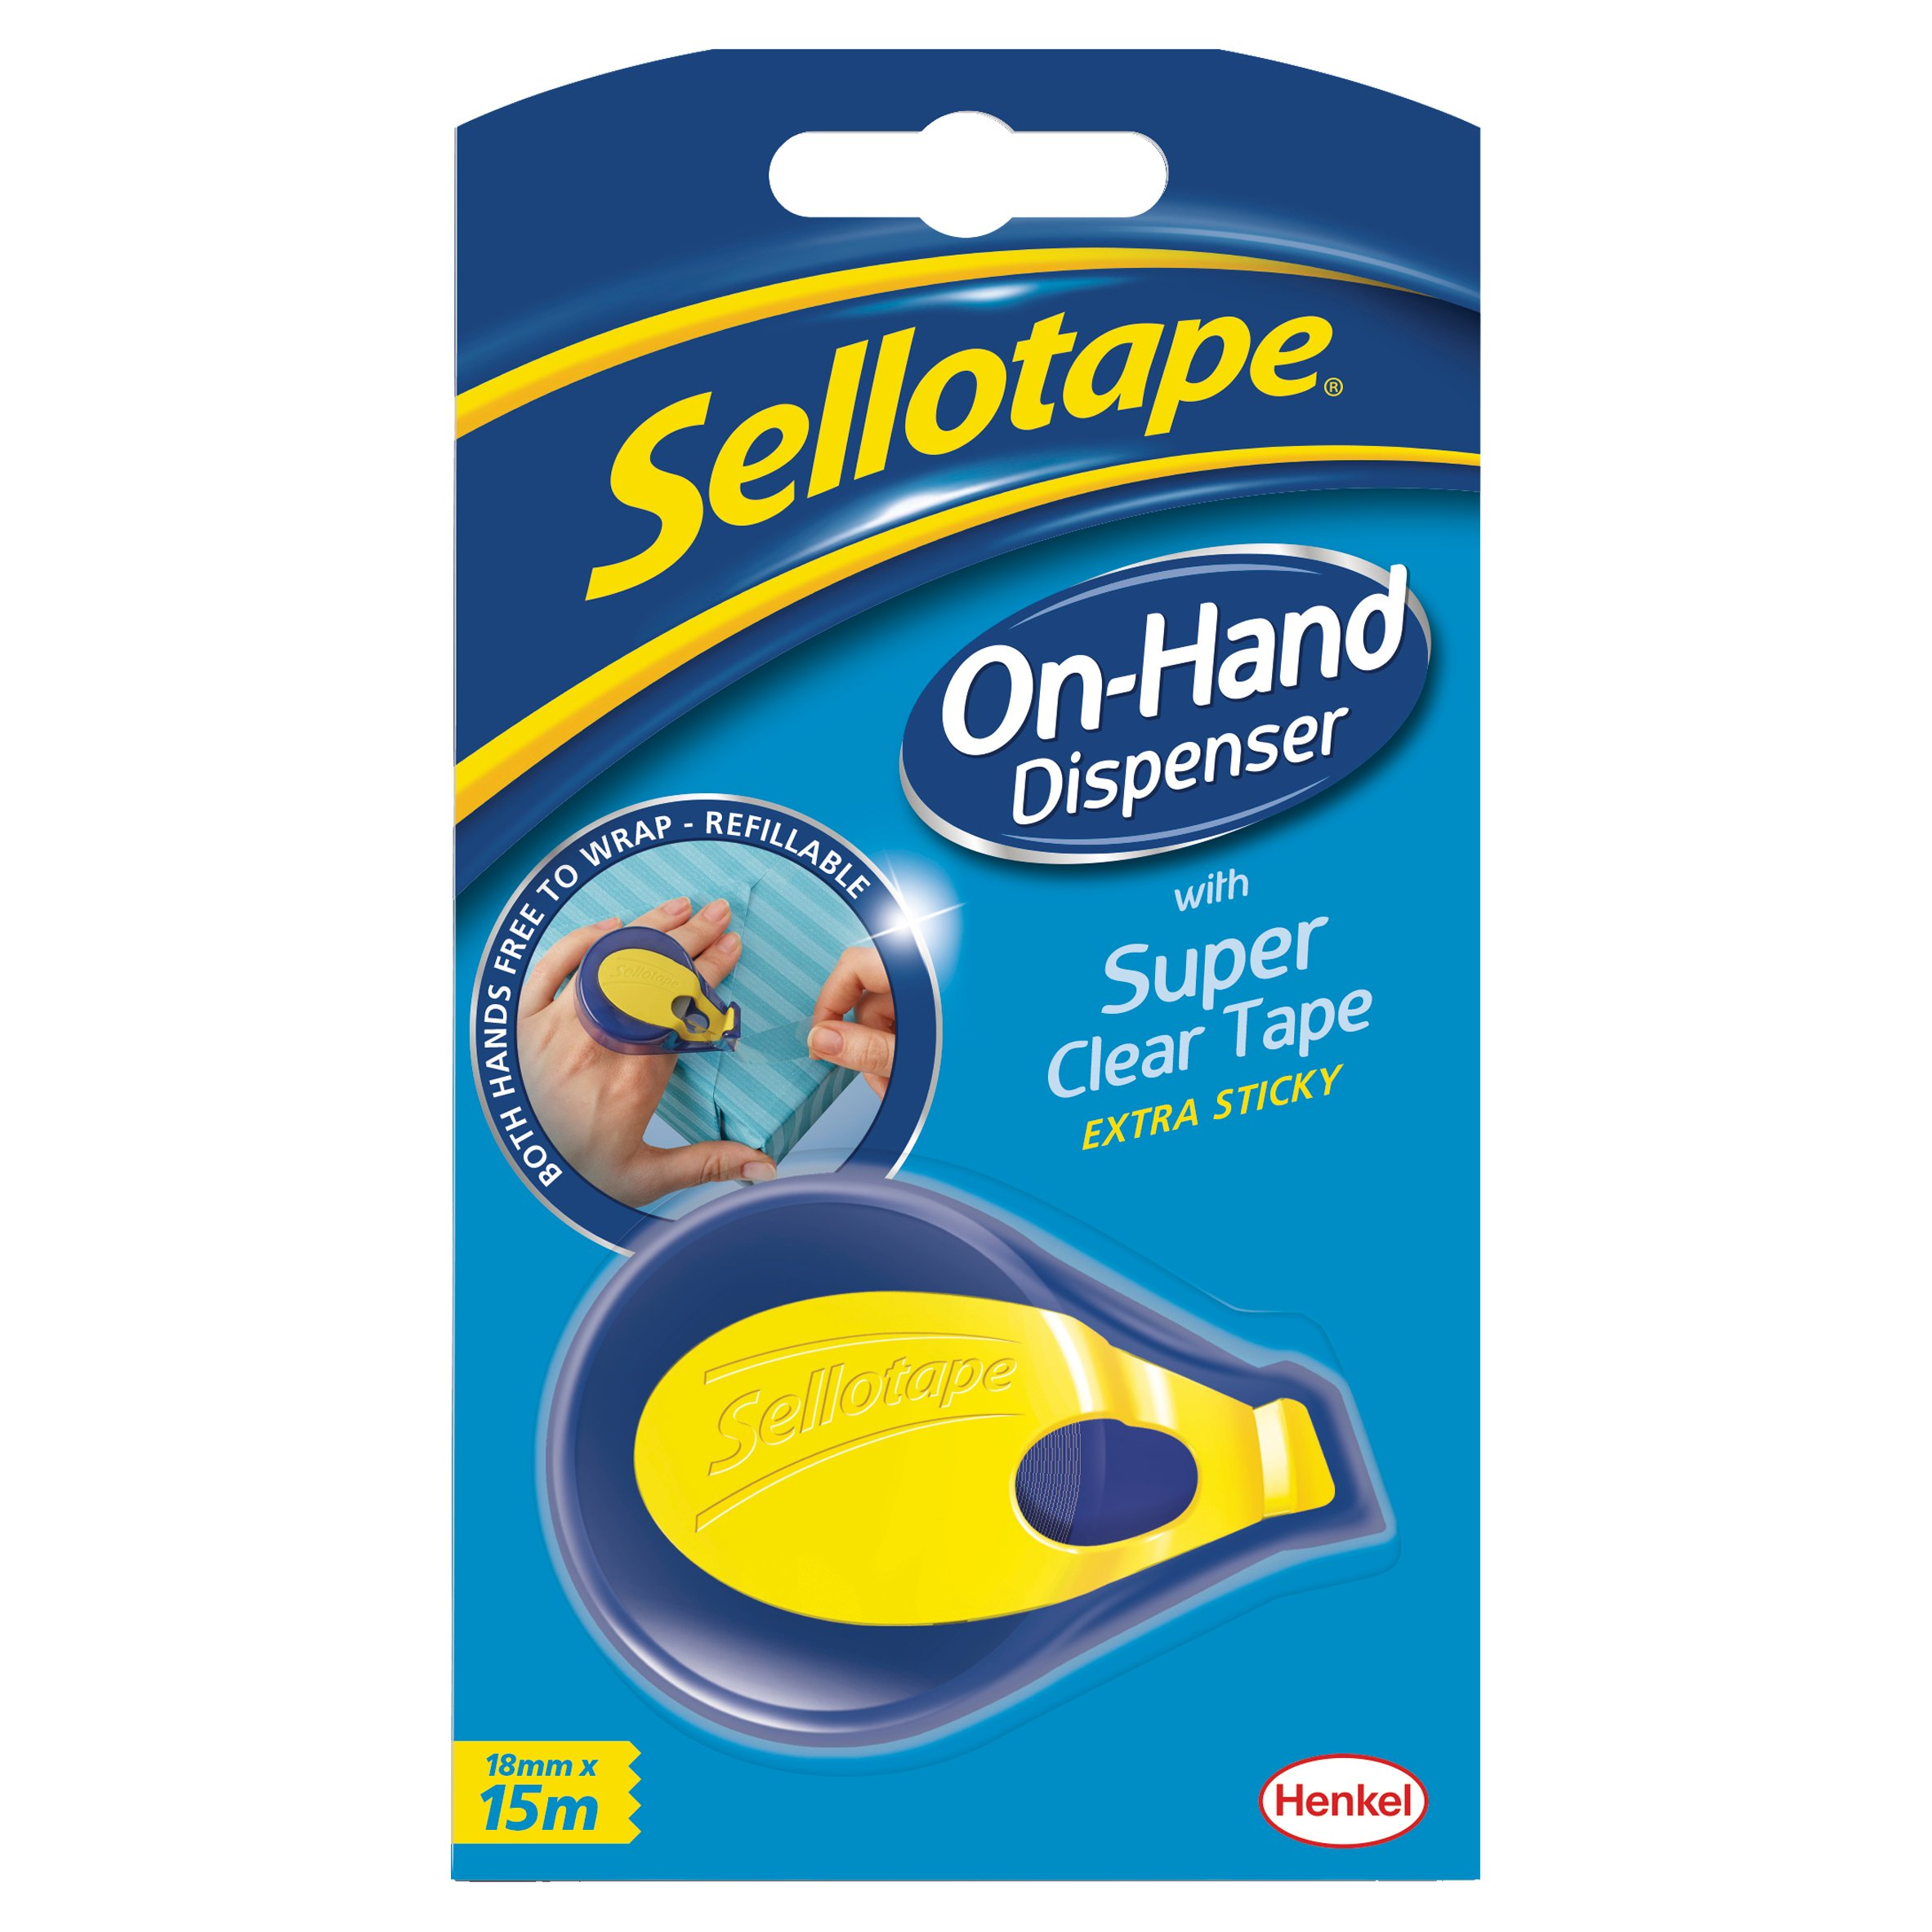 Sellotape On Hand Dispenser